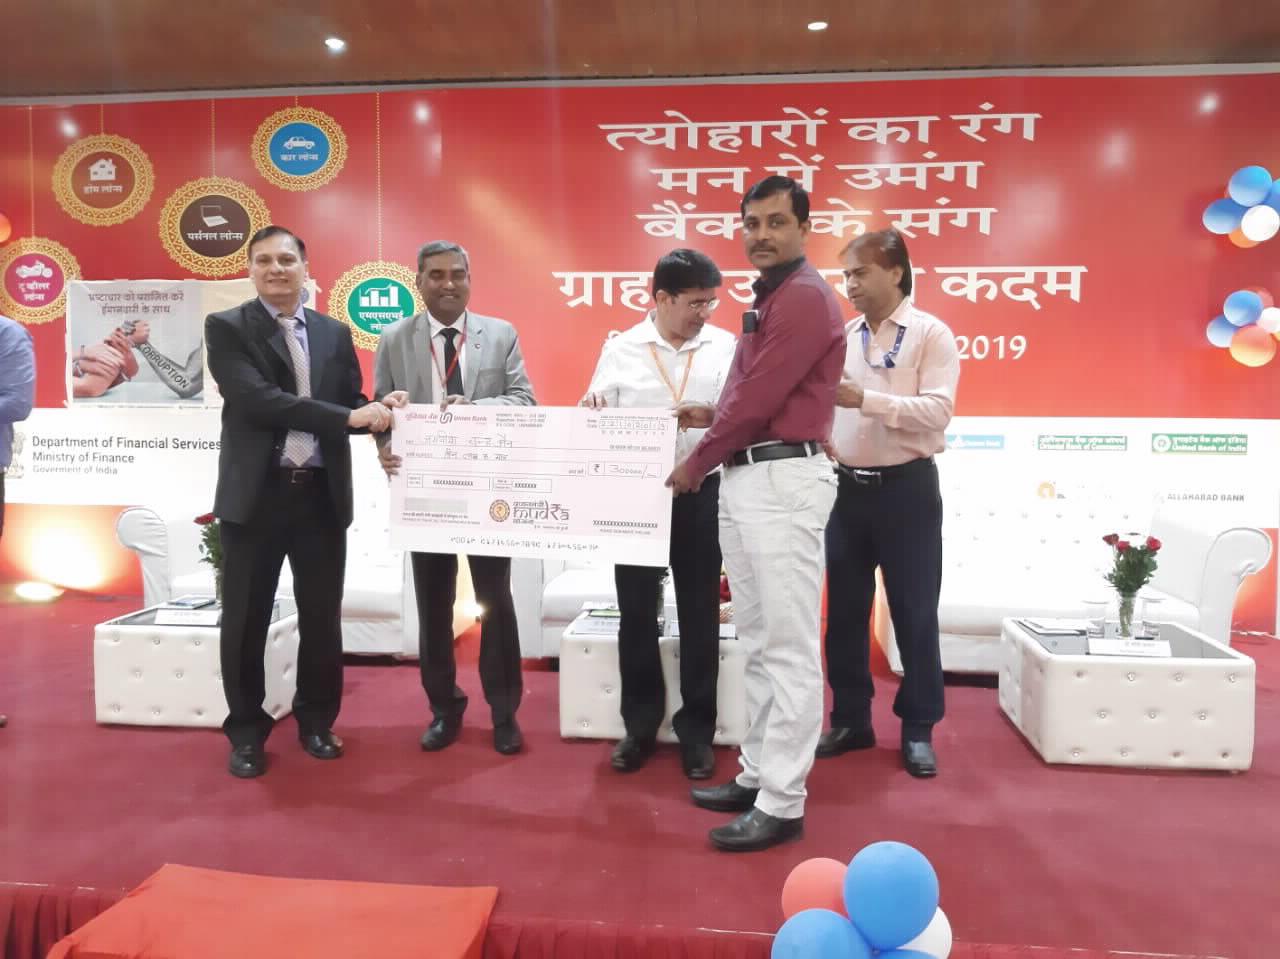 यूनियन बैंक ऑफ इंडिया द्वारा उदयपुर क्षेत्र में ग्राहक संपर्क कार्यक्रम का आयोजन